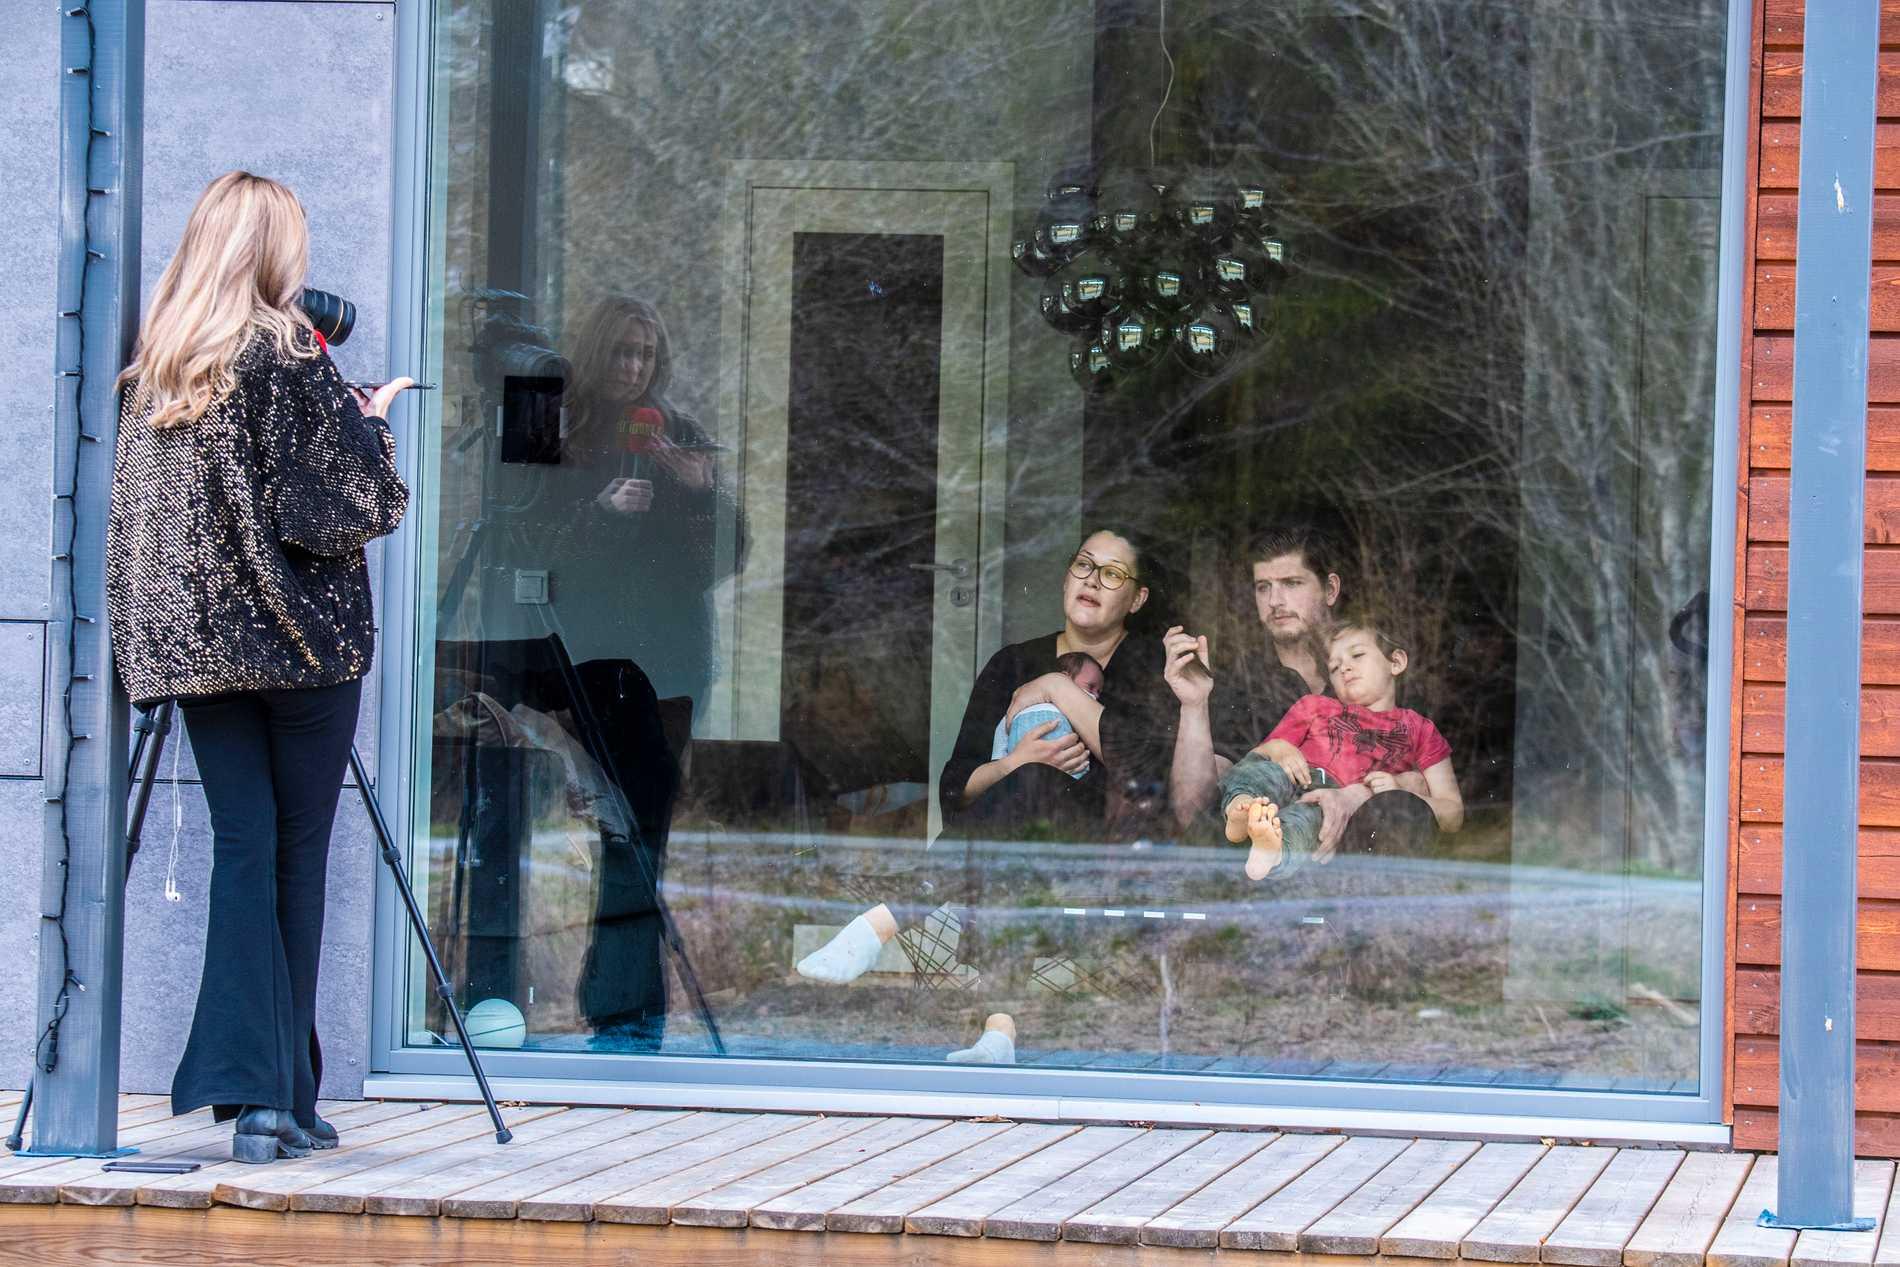 """""""Det är som att vi är på ett zoo, släkten kommer hit och tittar på henne genom fönstret"""", säger Schyler när Aftonbladet träffar familjen."""